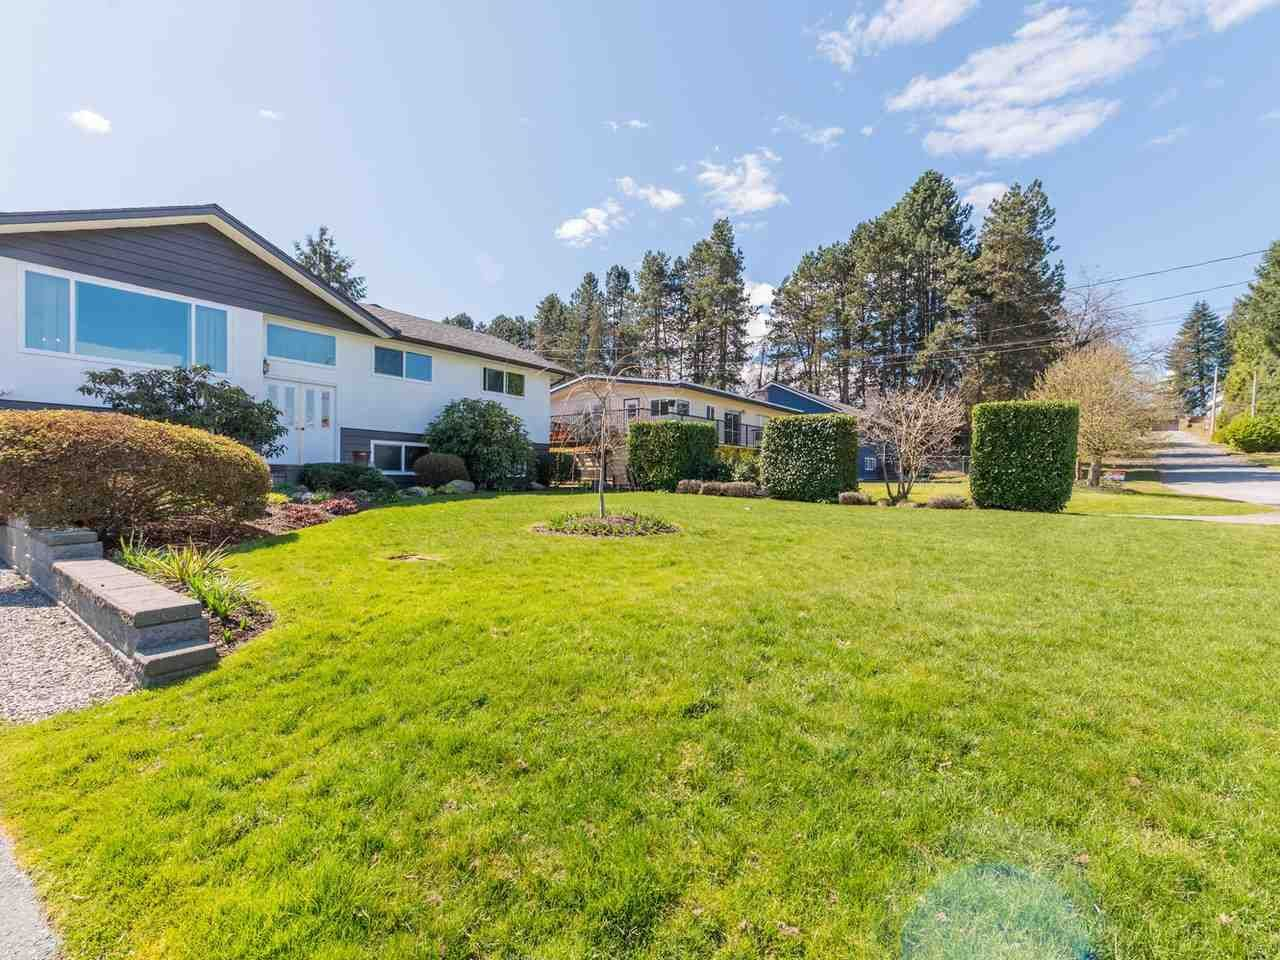 Photo 2: Photos: 808 REGAN Avenue in Coquitlam: Coquitlam West House for sale : MLS®# R2563486